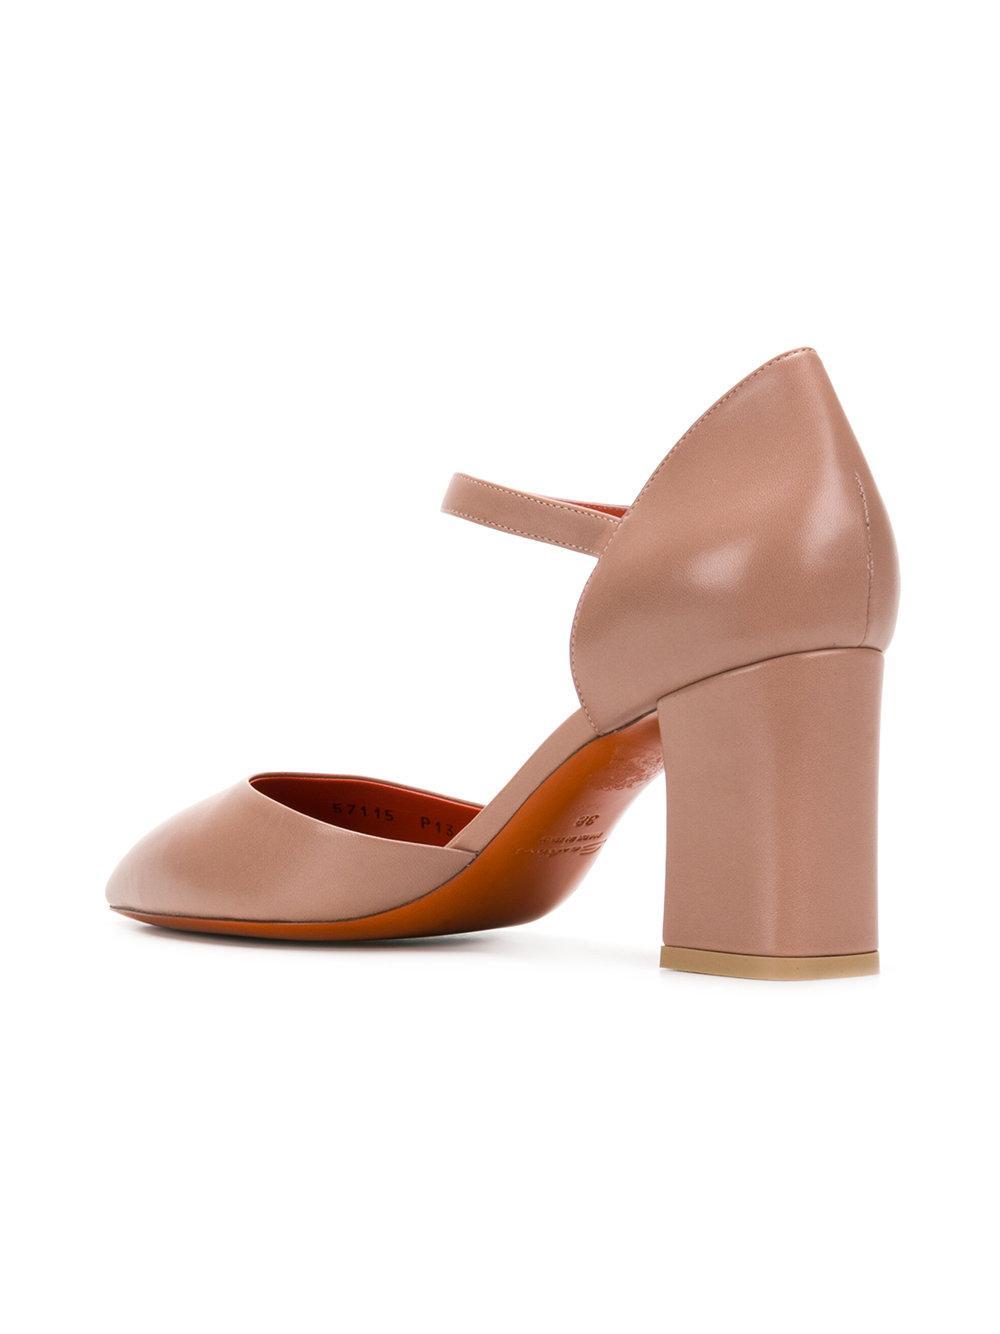 pointed-toe pumps - Nude & Neutrals Santoni qPgERUdBC